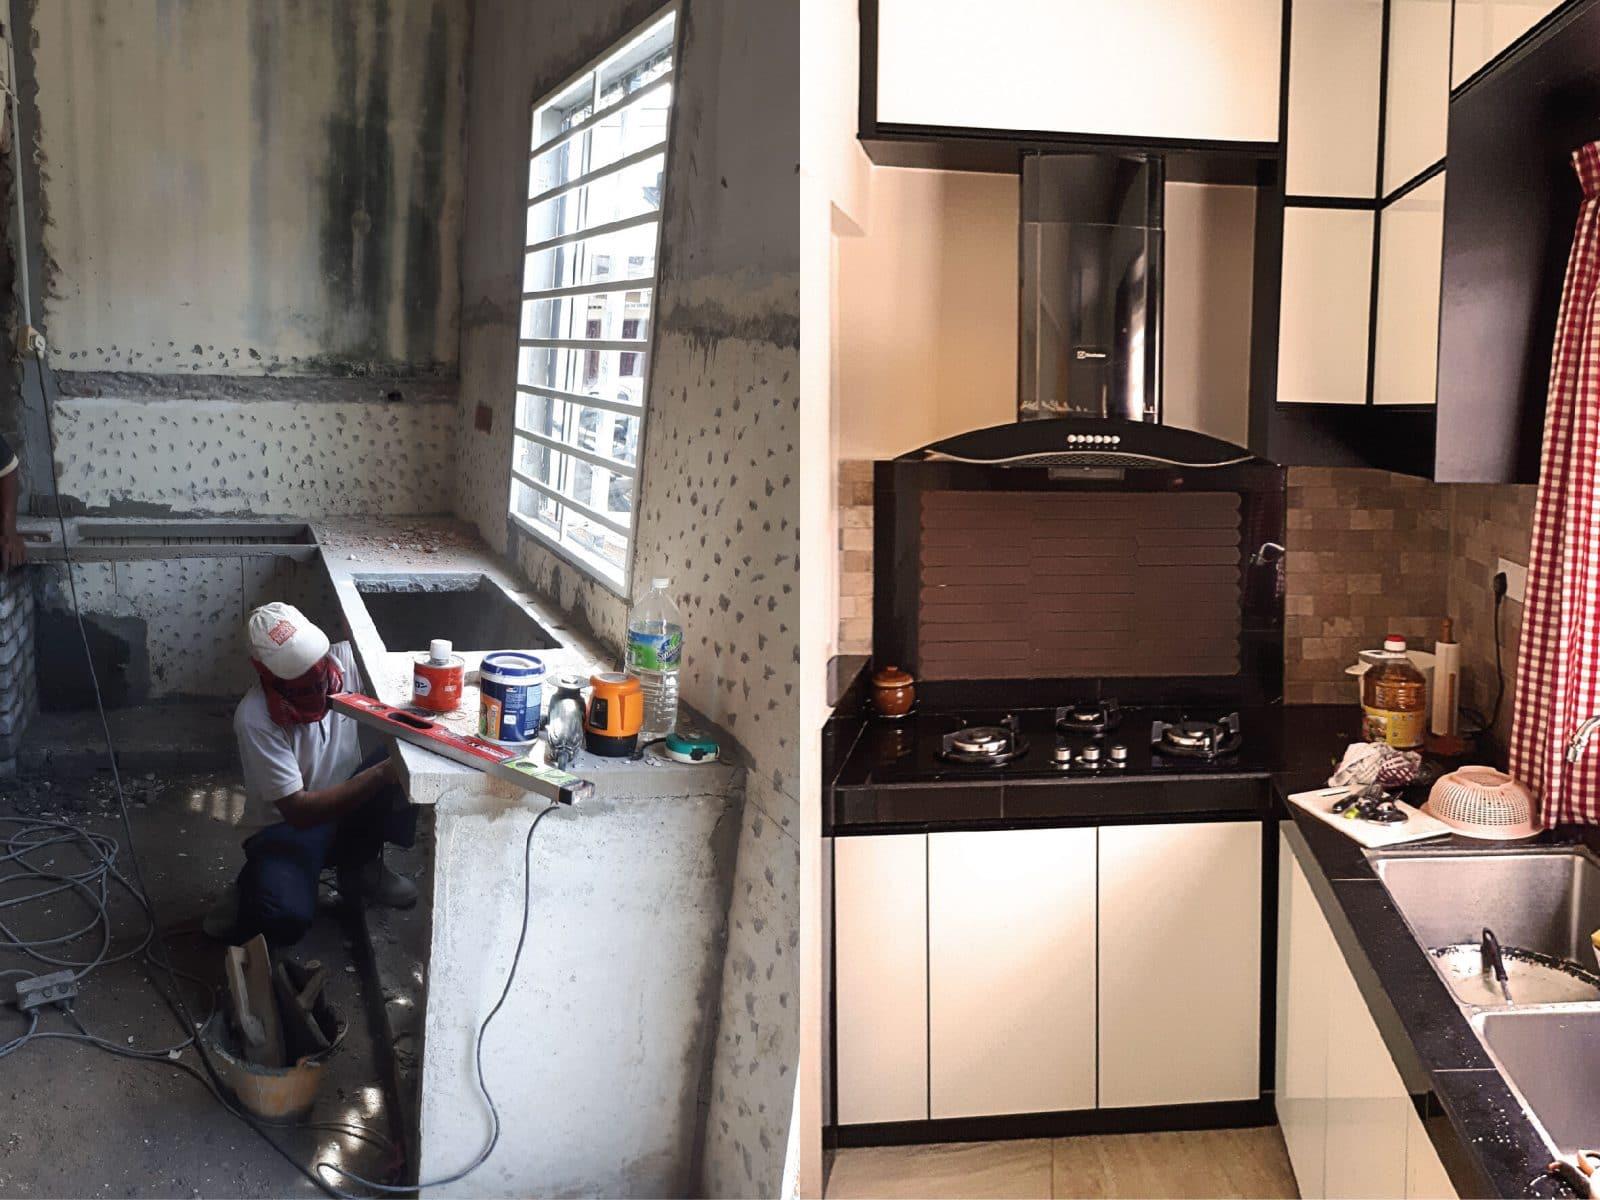 Renovasi dapur kering dan dapur basah di Klang